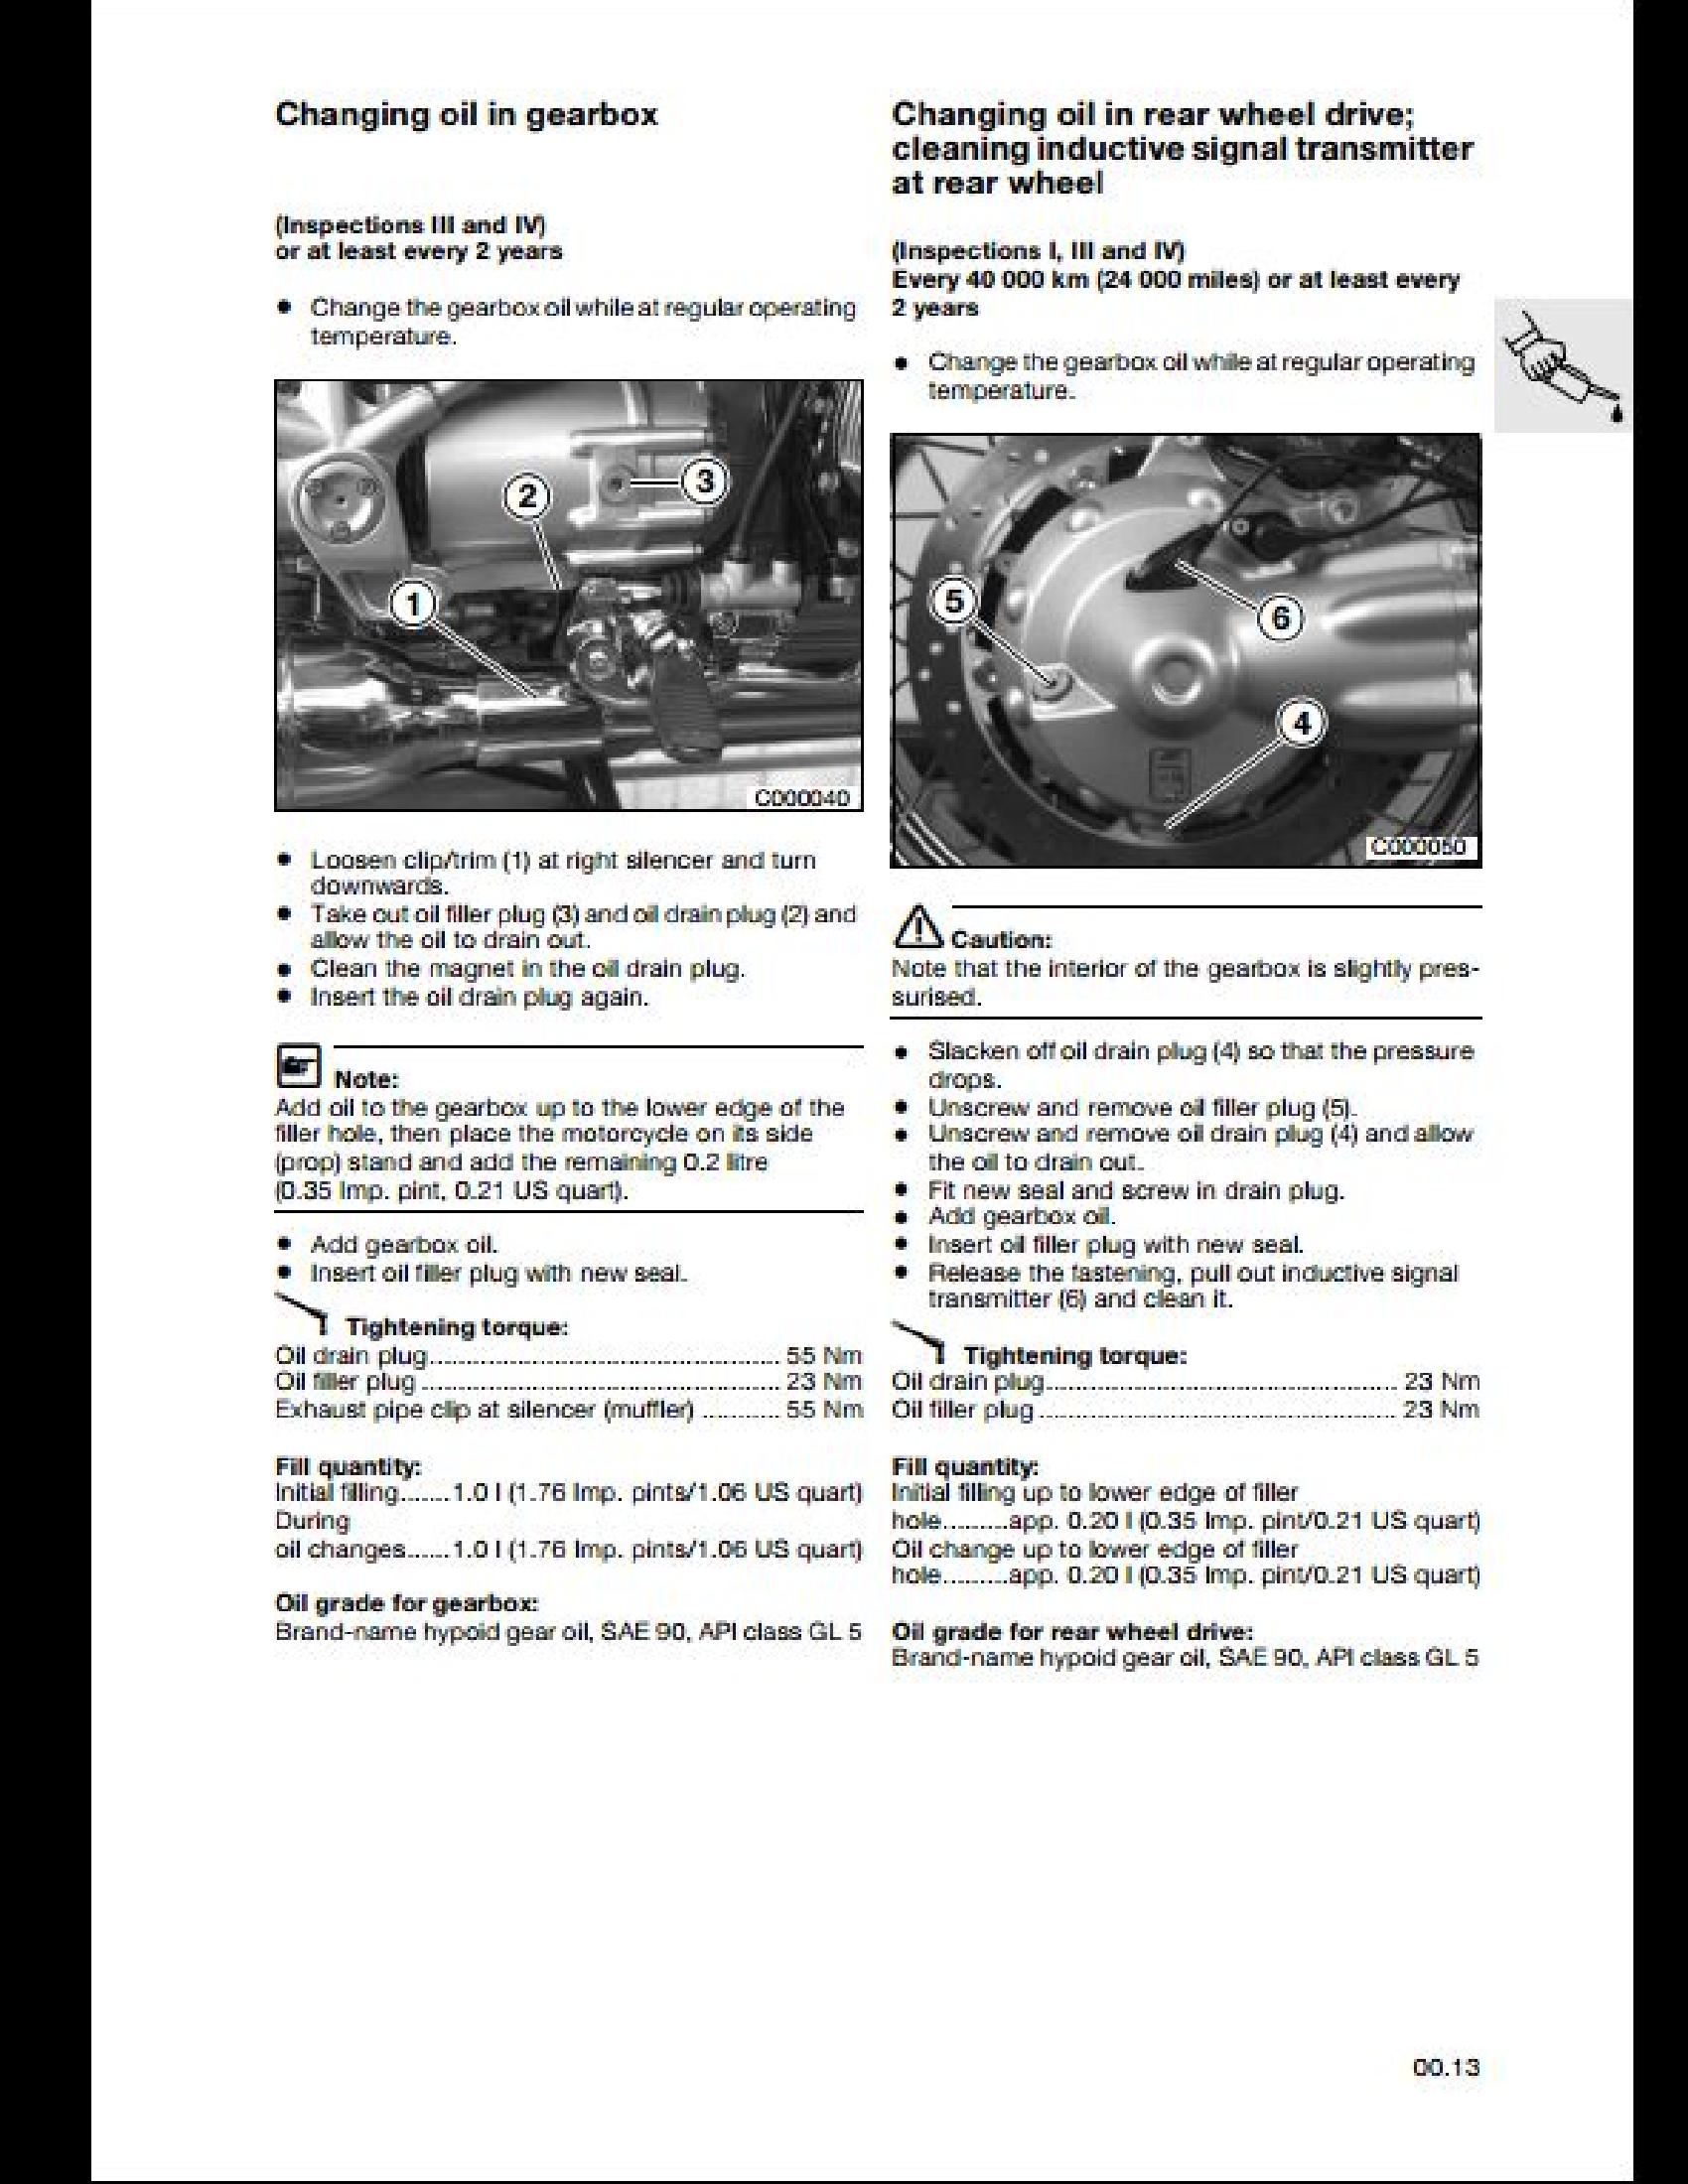 BMW R1200C Motorcycle manual